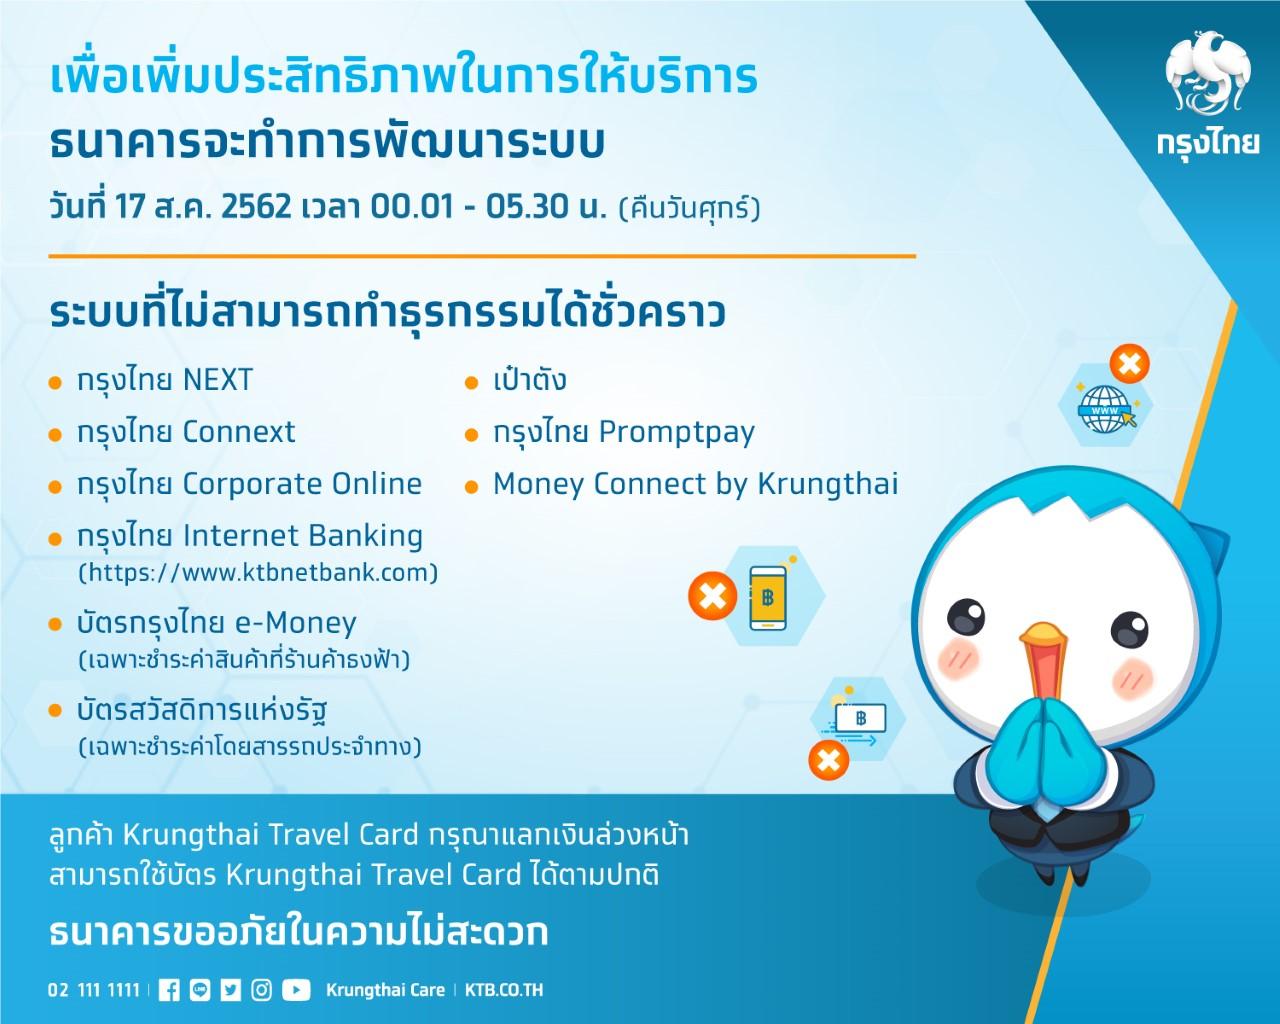 กรุงไทยพัฒนาระบบอิเล็กทรอนิกส์เพิ่มประสิทธิภาพการให้บริการ